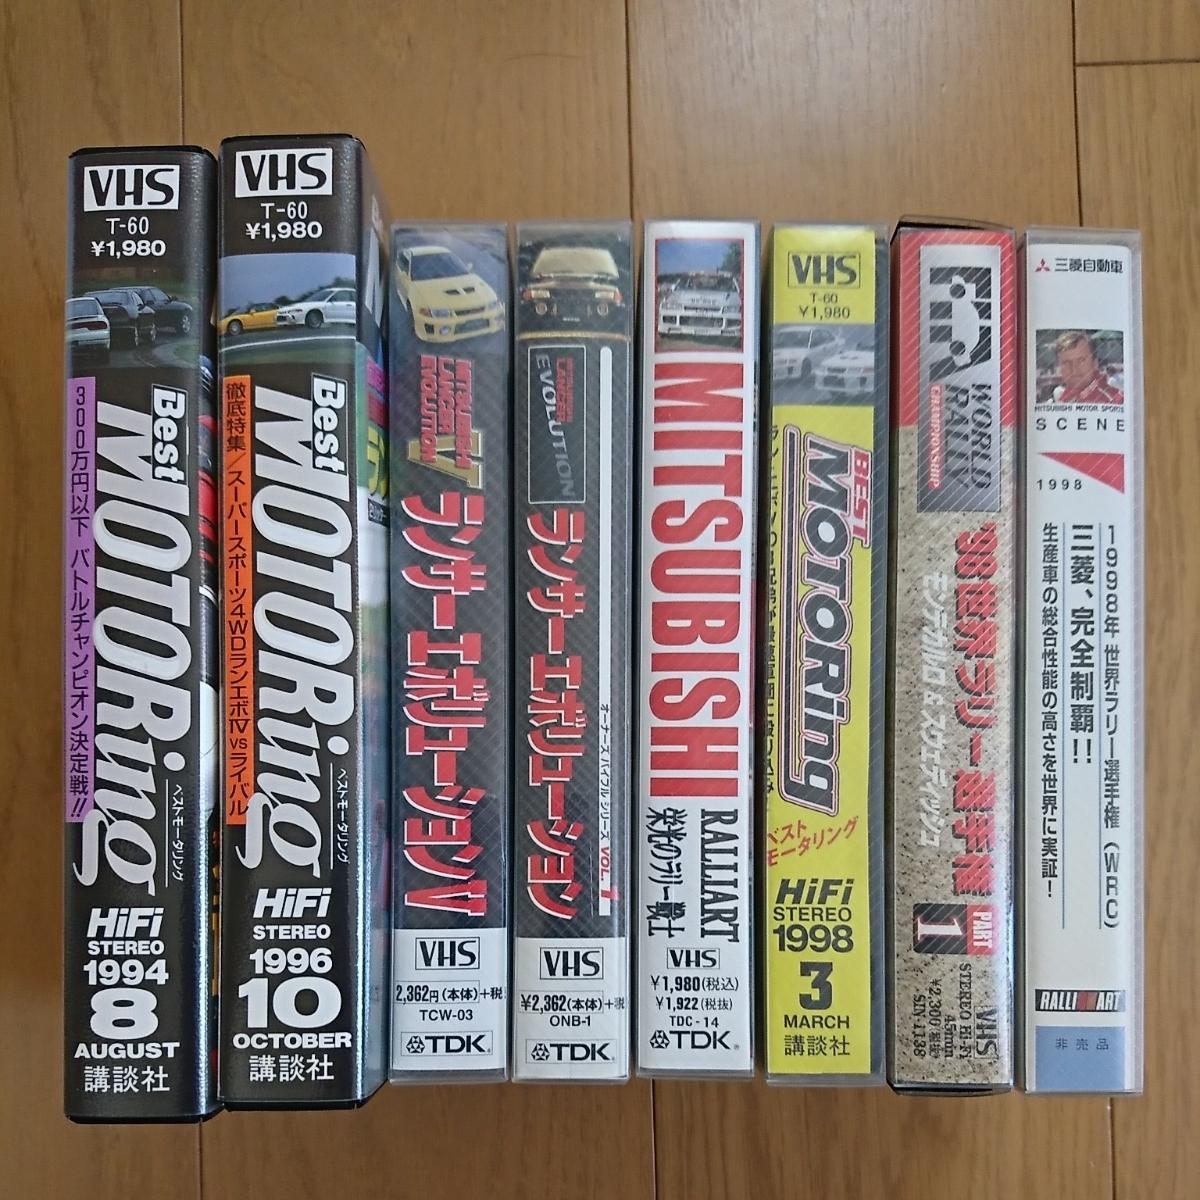 激レア!三菱 ランサーエボリューション・WRC・ラリー 関連のVHSビデオテープ8本セット_画像10